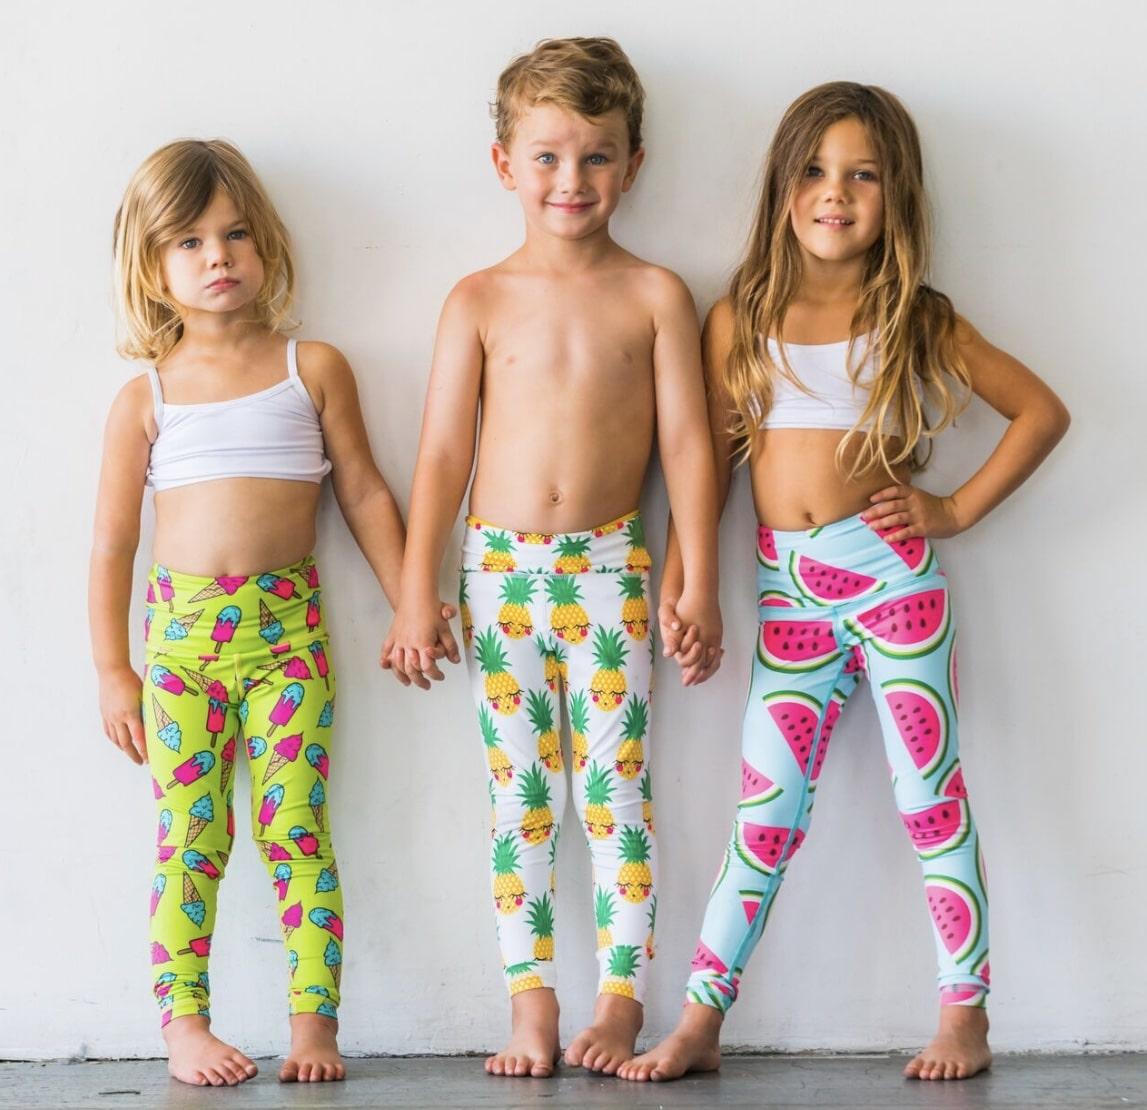 nude-teen-free-videos-little-girls-in-pants